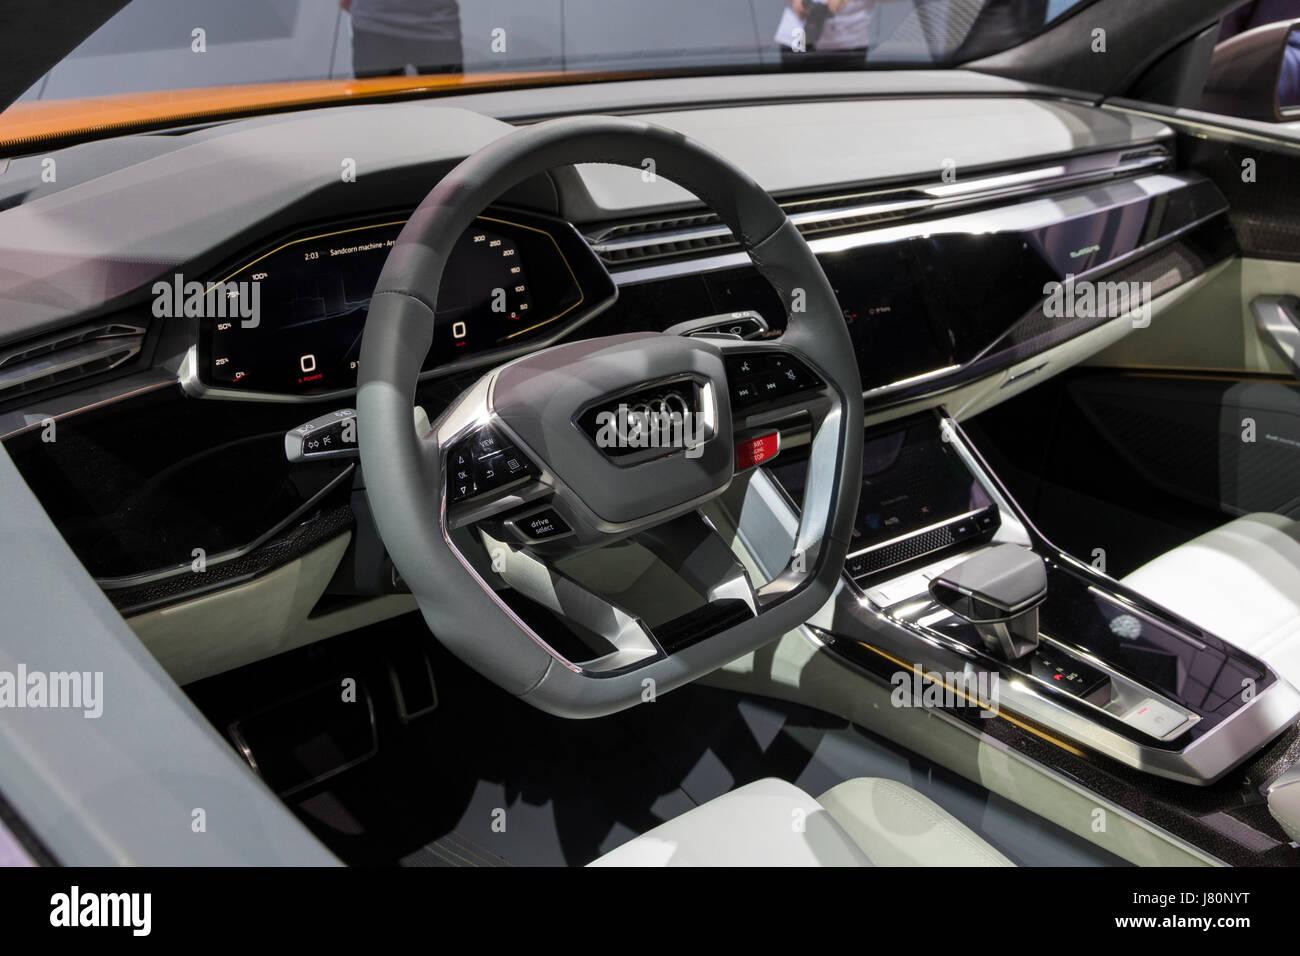 genf, schweiz - 7. märz 2017: innenraum des neuen audi q8 auto bei